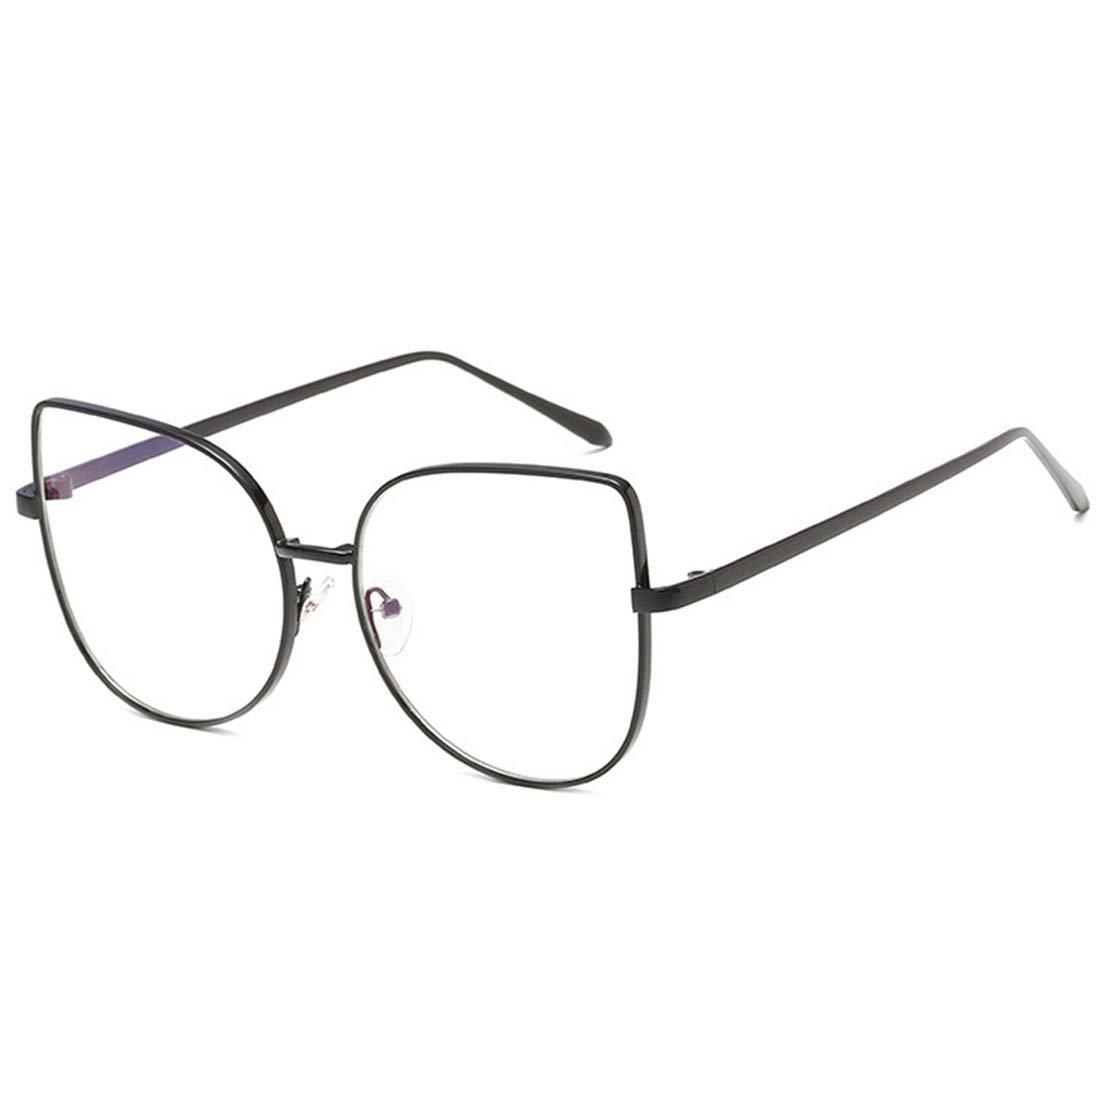 e57e313c61 D.King Cat Eye Glasses Frames Clear Lens Metal Frame Eyewear for women  Black at Amazon Women s Clothing store